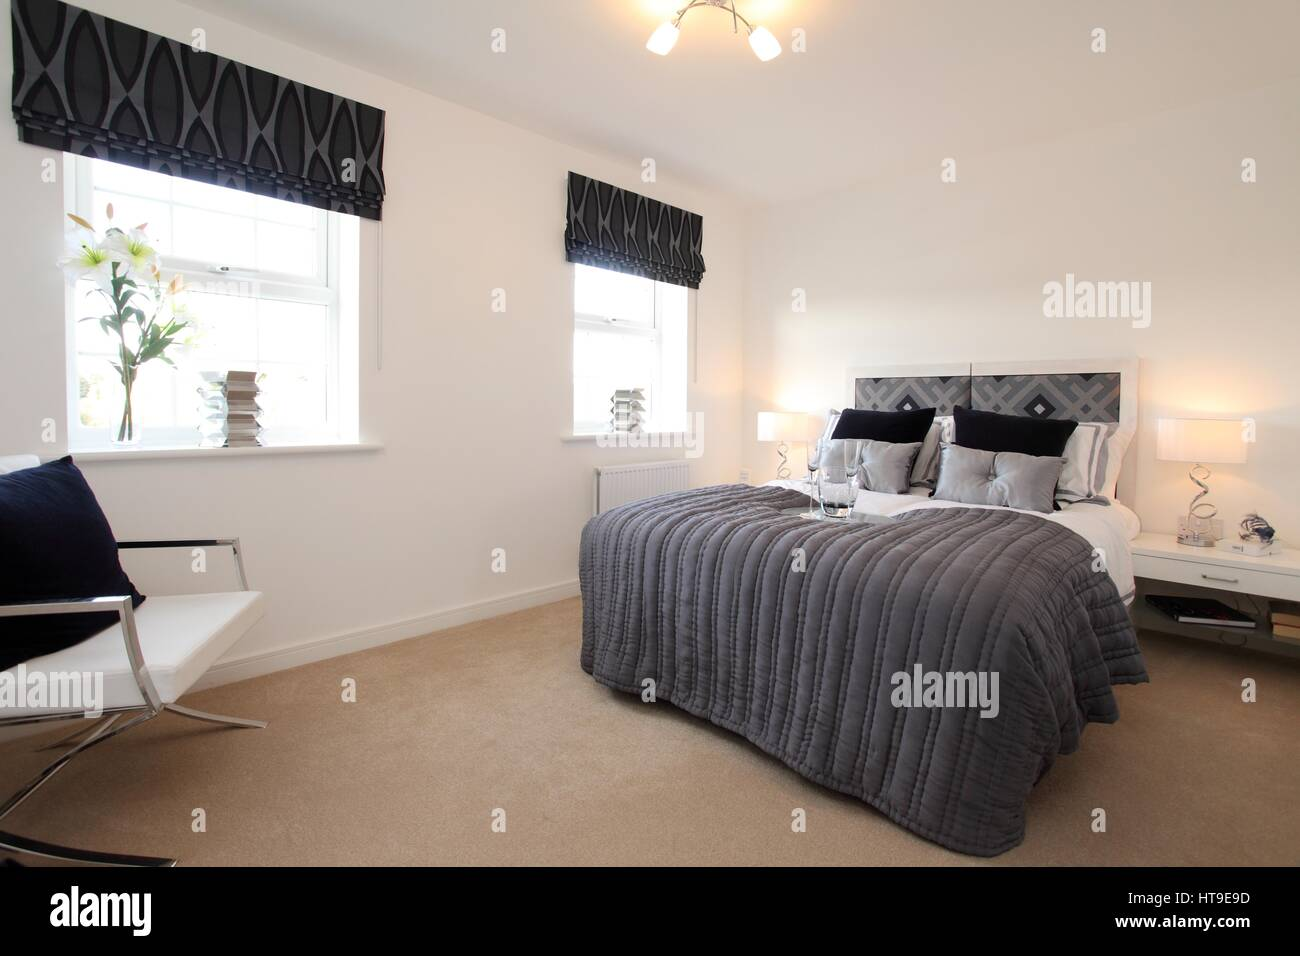 Wohngebäude, Schlafzimmer, Modernes, Neues Bauen, Grau Tagesdecke, Wurf,  Stuhl, Kissen, Beige Teppich,